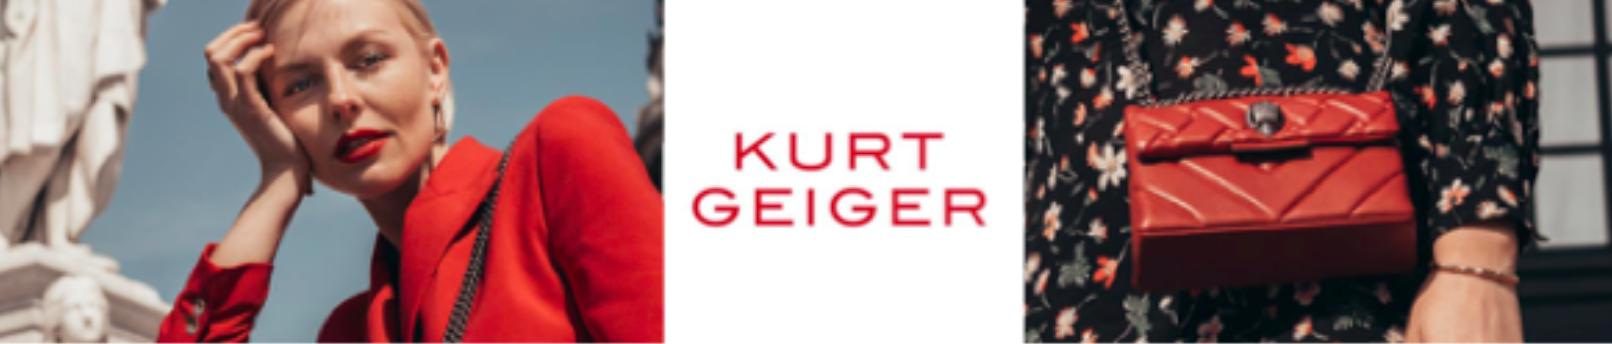 Kurt Geiger shoppen